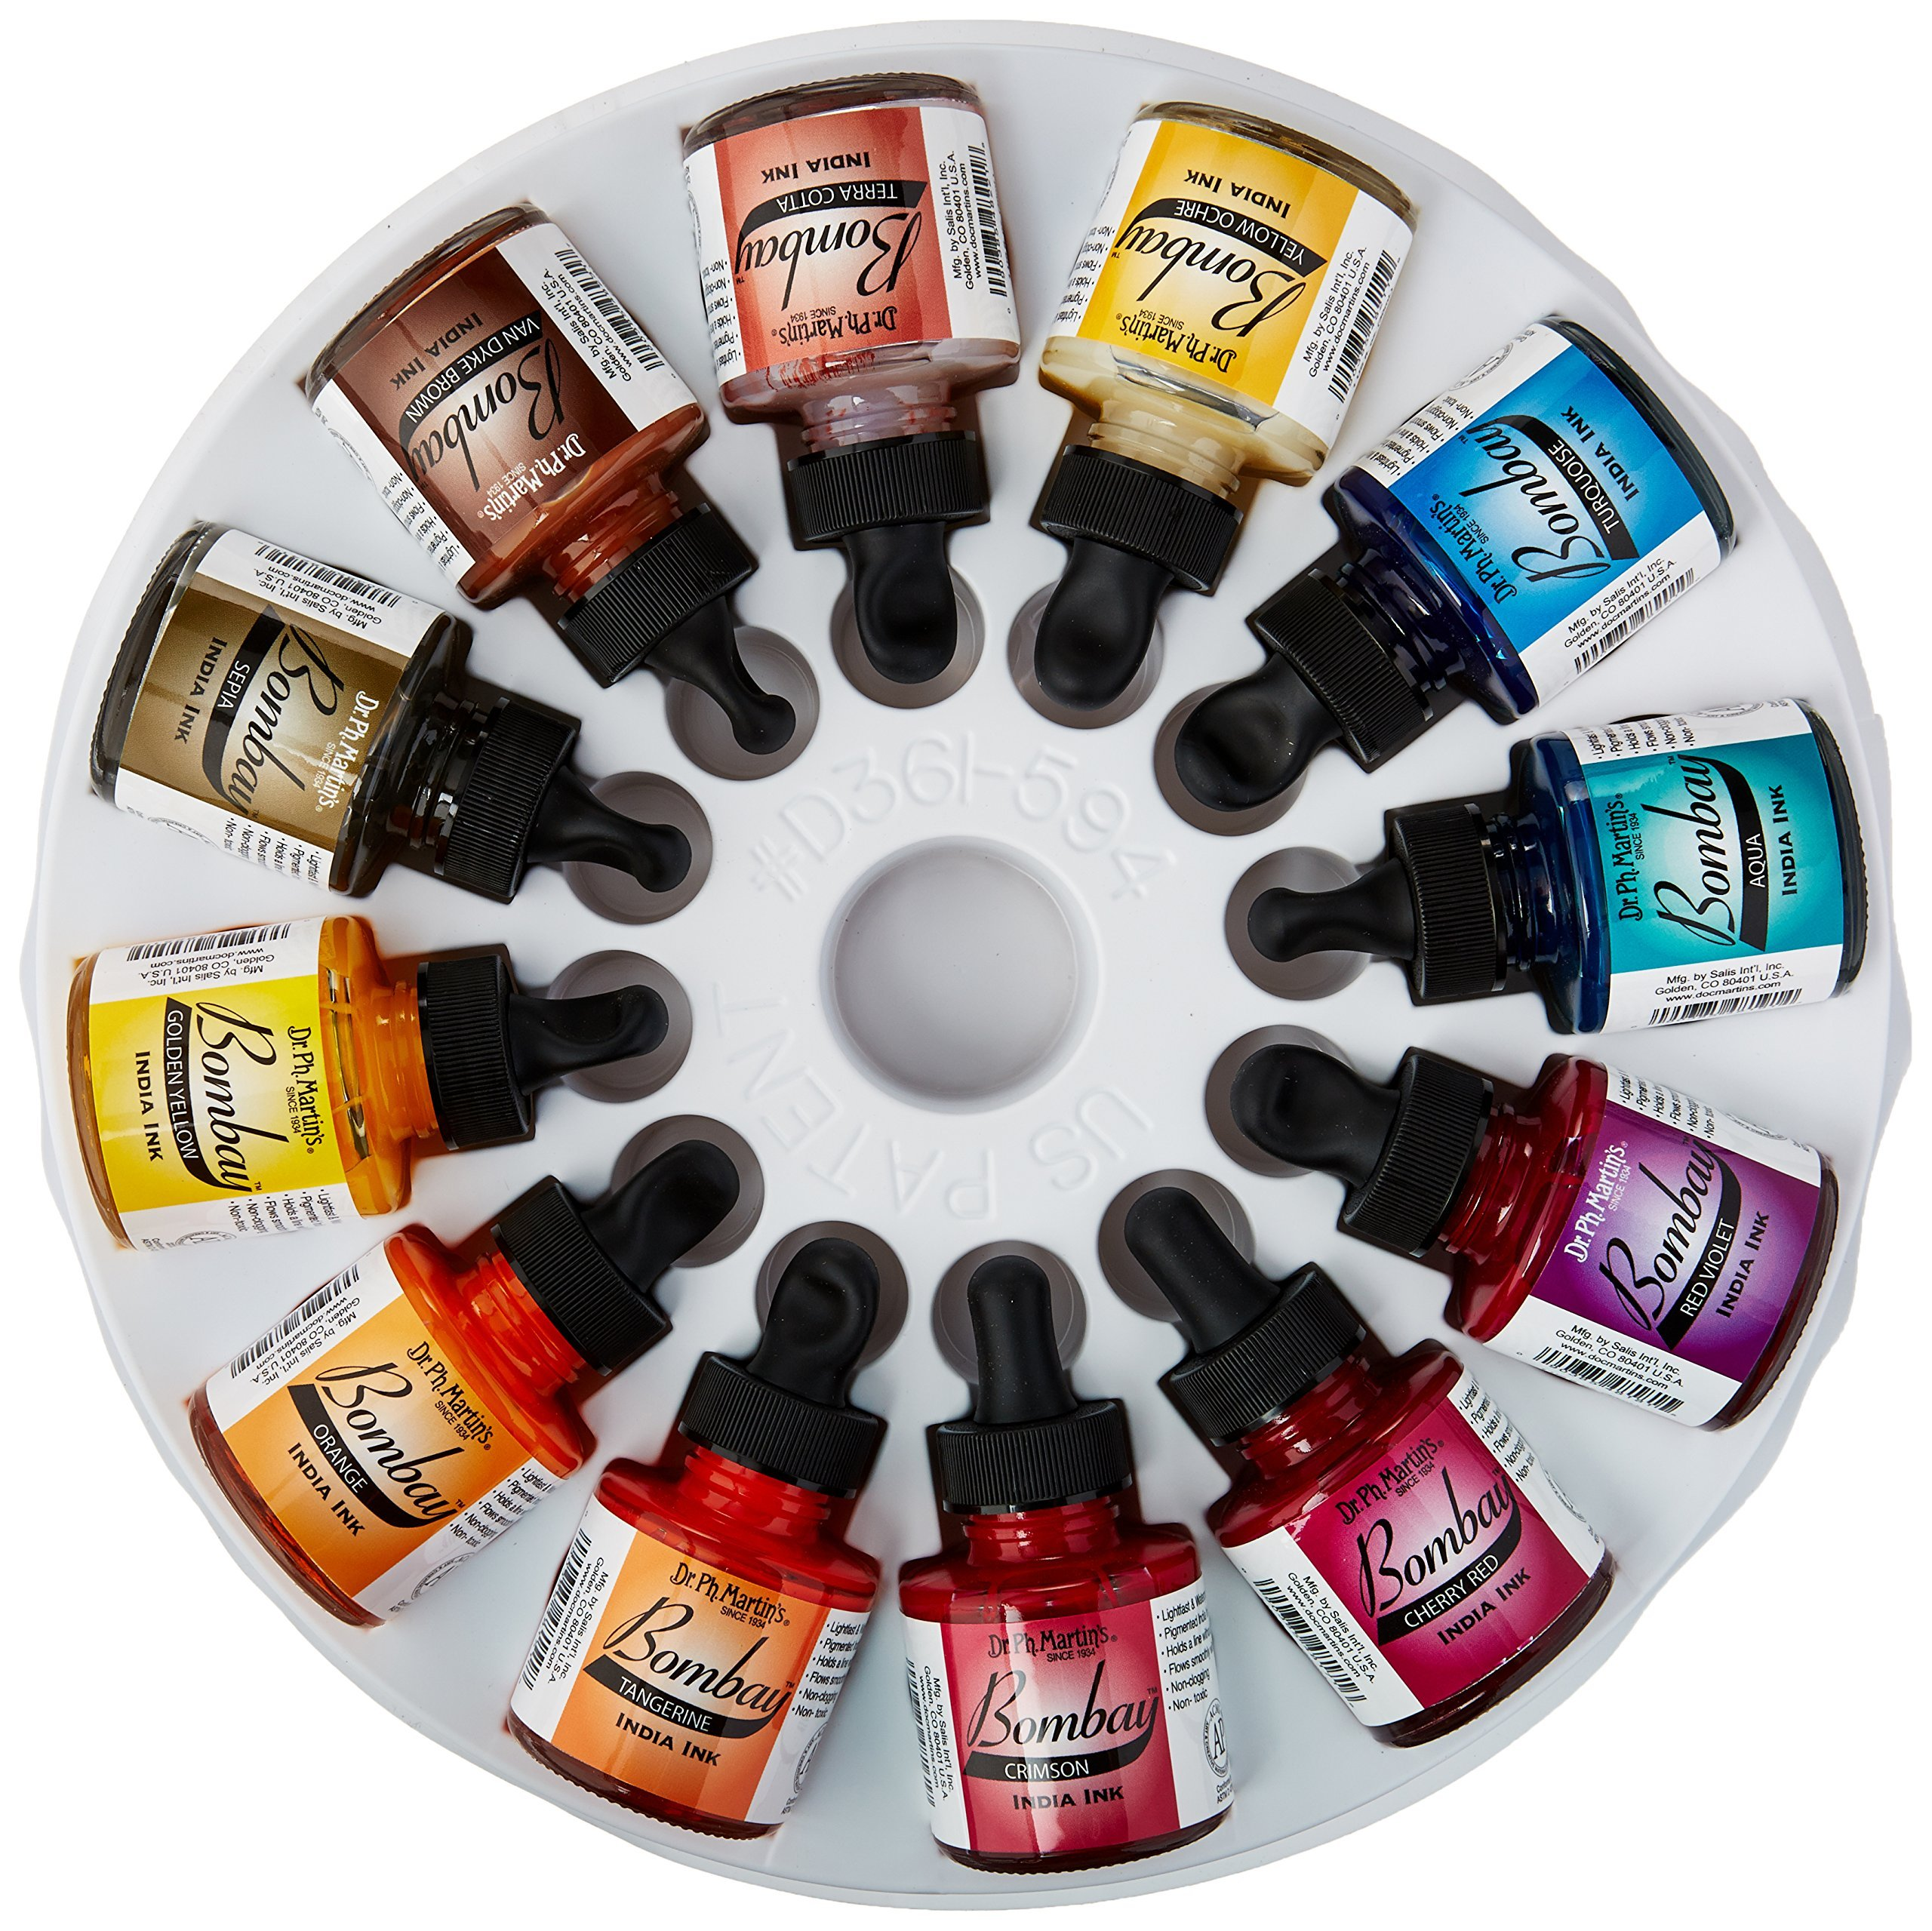 Dr. Ph. Martin's Bombay India Ink (Set 2) Ink Set, 1.0 oz, Set 2 Colors, 1 Set of 12 Bottles. by Dr. Ph. Martin's